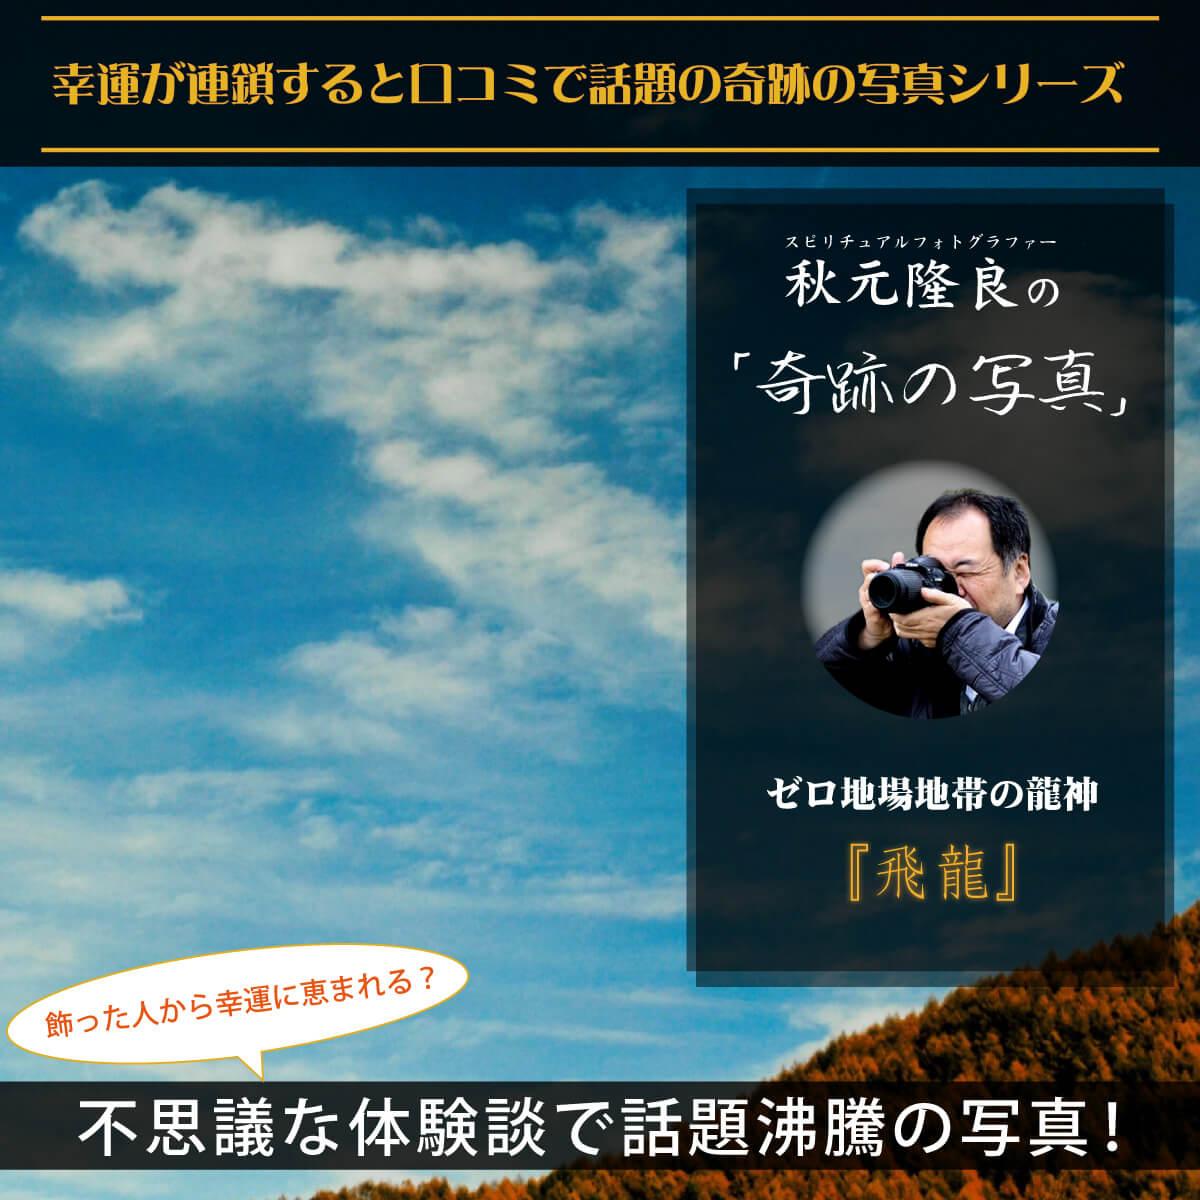 【奇跡の写真】飛龍 ≫飾るだけで幸運が連鎖すると話題!秋元隆良の開運フォト作品 開運グッズ